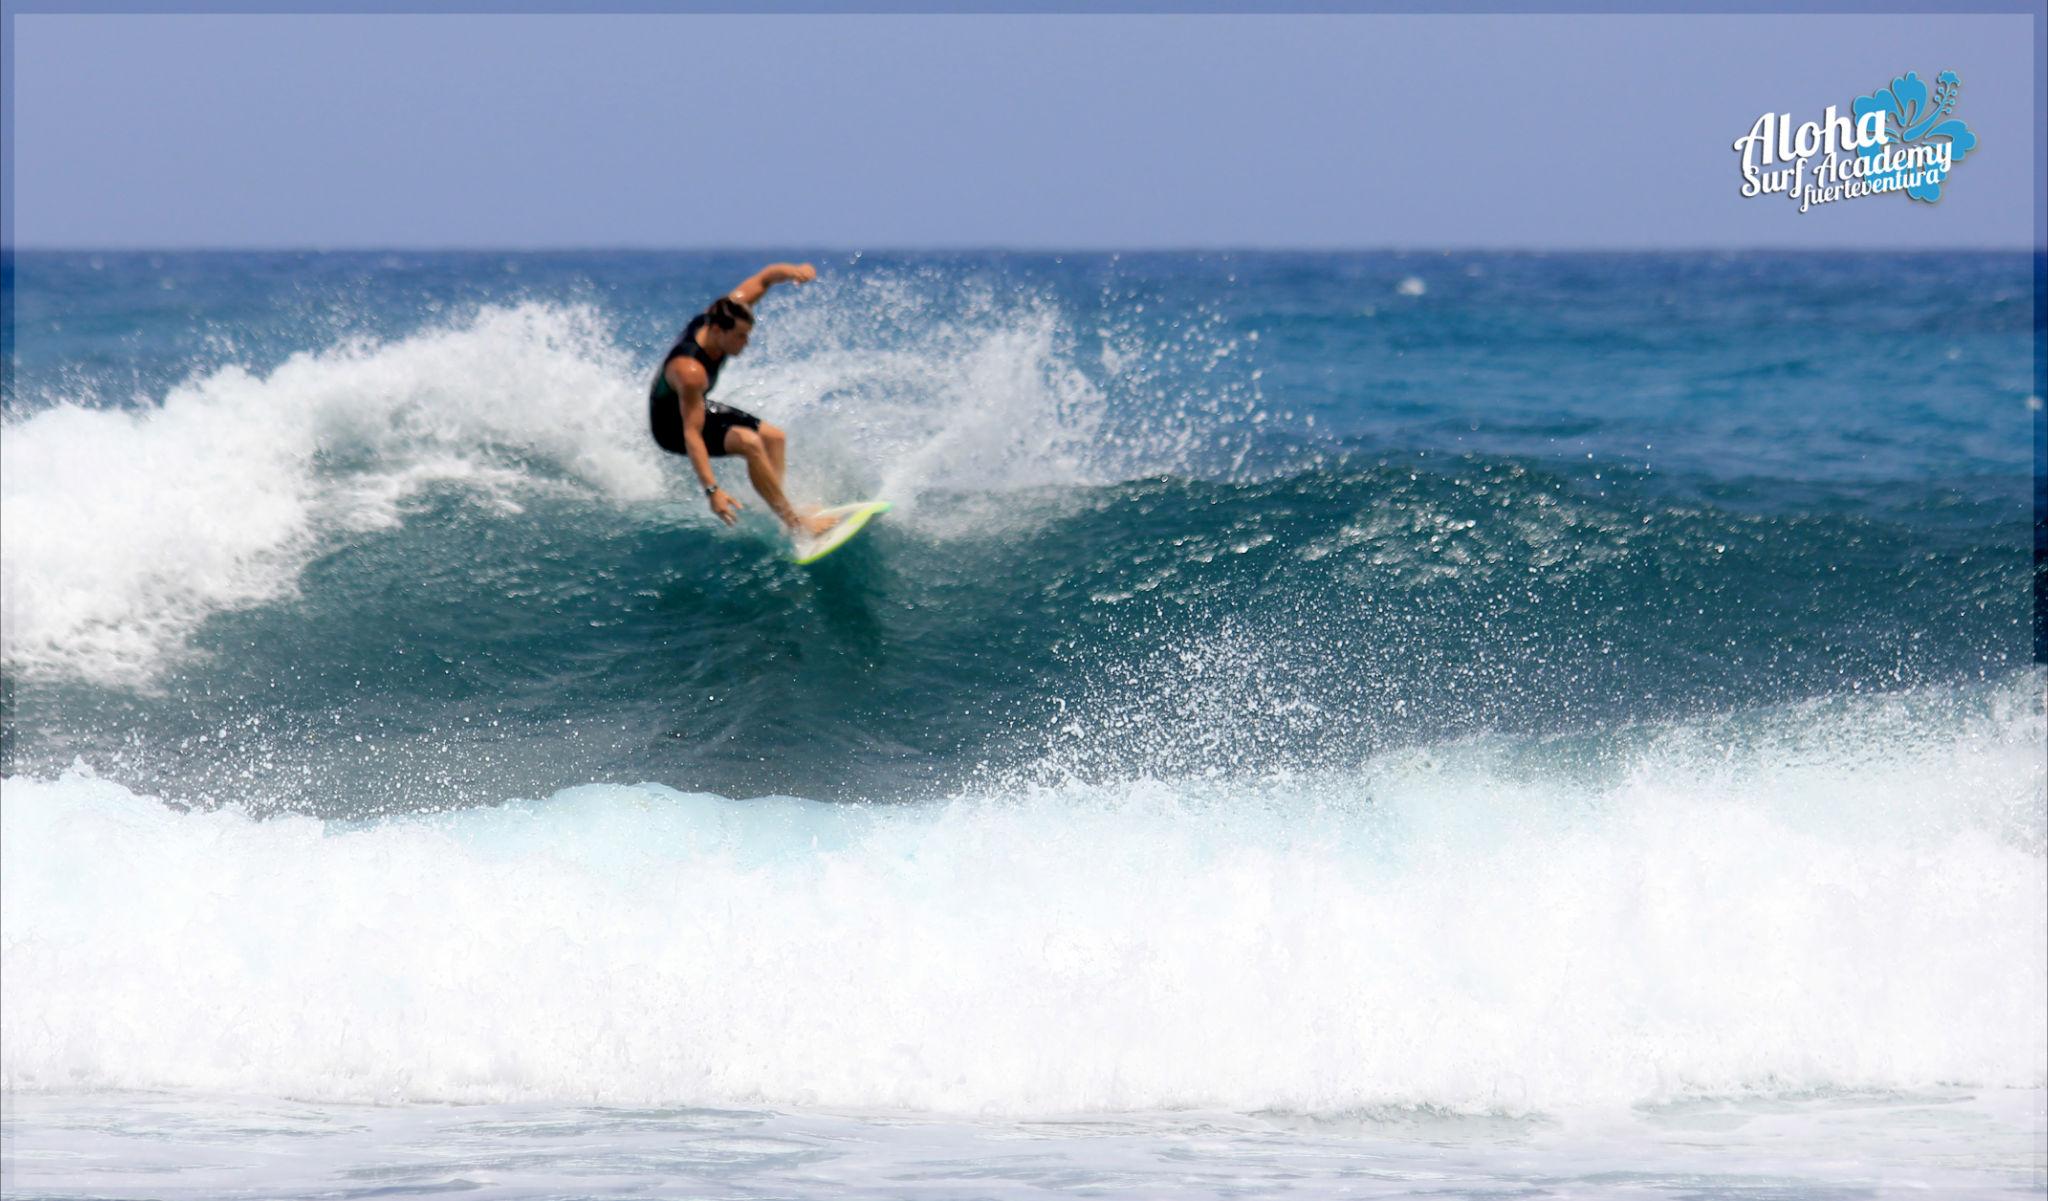 Alex-surfing1.jpg